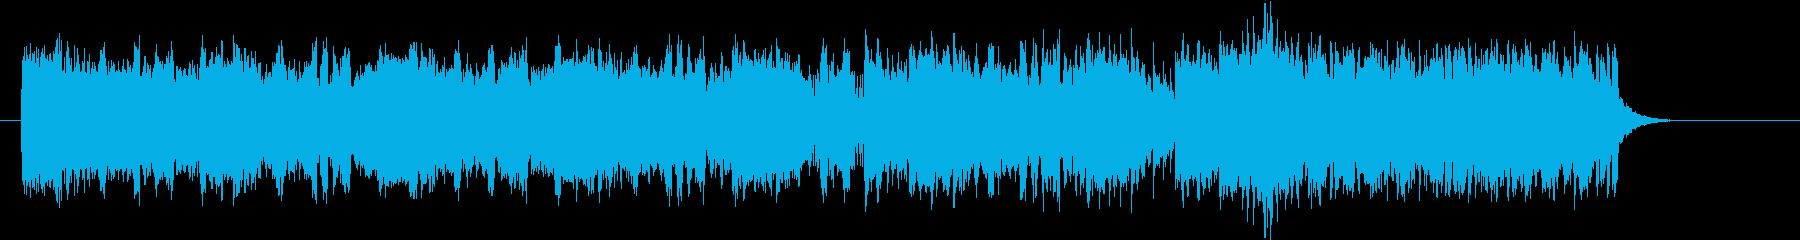 激しく切ないテクノ音楽の再生済みの波形